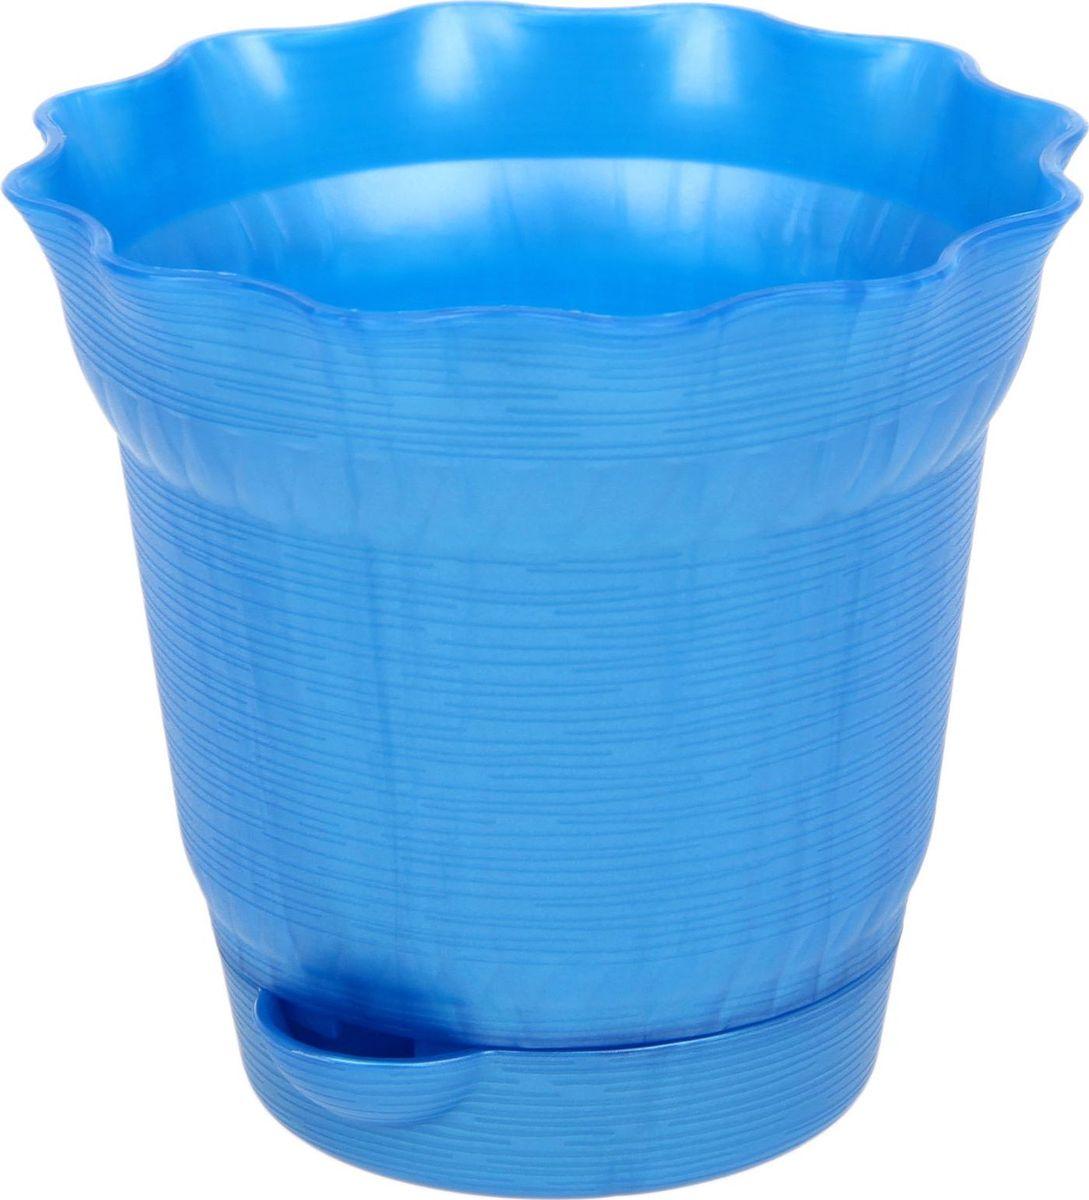 Горшок для цветов ТЕК.А.ТЕК Aquarelle, с поддоном, цвет: синий, 1 л531-103Любой, даже самый современный и продуманный интерьер будет не завершённым без растений. Они не только очищают воздух и насыщают его кислородом, но и заметно украшают окружающее пространство. Такому полезному члену семьи просто необходимо красивое и функциональное кашпо, оригинальный горшок или необычная ваза! Мы предлагаем - Горшок для цветов 1 л с поддоном Aquarelle, d=14 см, цвет синий! Оптимальный выбор материала пластмасса! Почему мы так считаем? Малый вес. С лёгкостью переносите горшки и кашпо с места на место, ставьте их на столики или полки, подвешивайте под потолок, не беспокоясь о нагрузке. Простота ухода. Пластиковые изделия не нуждаются в специальных условиях хранения. Их легко чистить достаточно просто сполоснуть тёплой водой. Никаких царапин. Пластиковые кашпо не царапают и не загрязняют поверхности, на которых стоят. Пластик дольше хранит влагу, а значит растение реже нуждается в поливе. Пластмасса не пропускает воздух корневой системе растения не грозят резкие перепады температур. Огромный выбор форм, декора и расцветок вы без труда подберёте что-то, что идеально впишется в уже существующий интерьер. Соблюдая нехитрые правила ухода, вы можете заметно продлить срок службы горшков, вазонов и кашпо из пластика: всегда учитывайте размер кроны и корневой системы растения (при разрастании большое растение способно повредить маленький горшок)берегите изделие от воздействия прямых солнечных лучей, чтобы кашпо и горшки не выцветалидержите кашпо и горшки из пластика подальше от нагревающихся поверхностей. Создавайте прекрасные цветочные композиции, выращивайте рассаду или необычные растения, а низкие цены позволят вам не ограничивать себя в выборе.